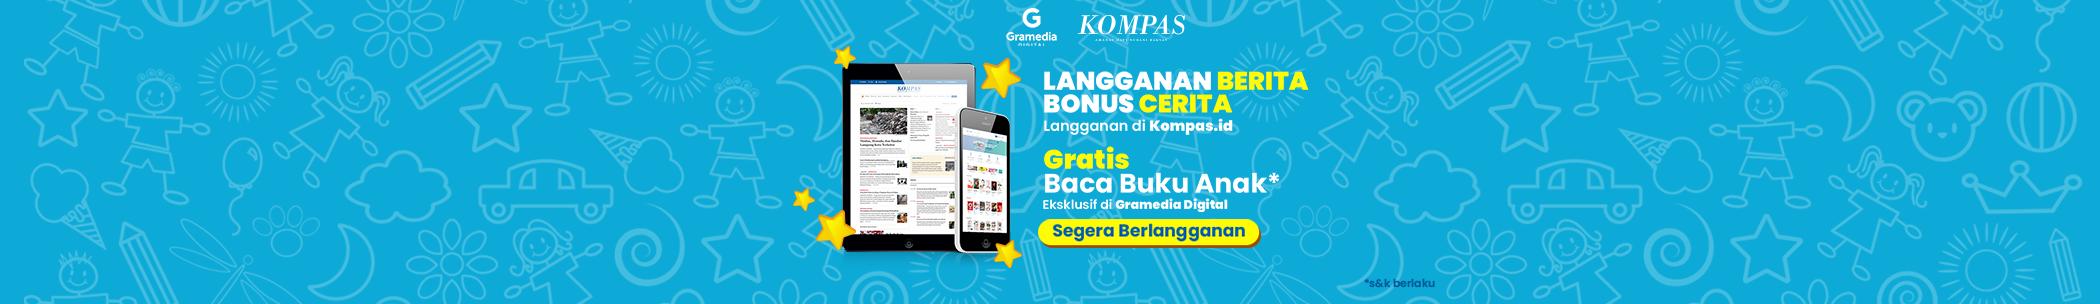 Kompas ID Langganan Berita Bonus Cerita.